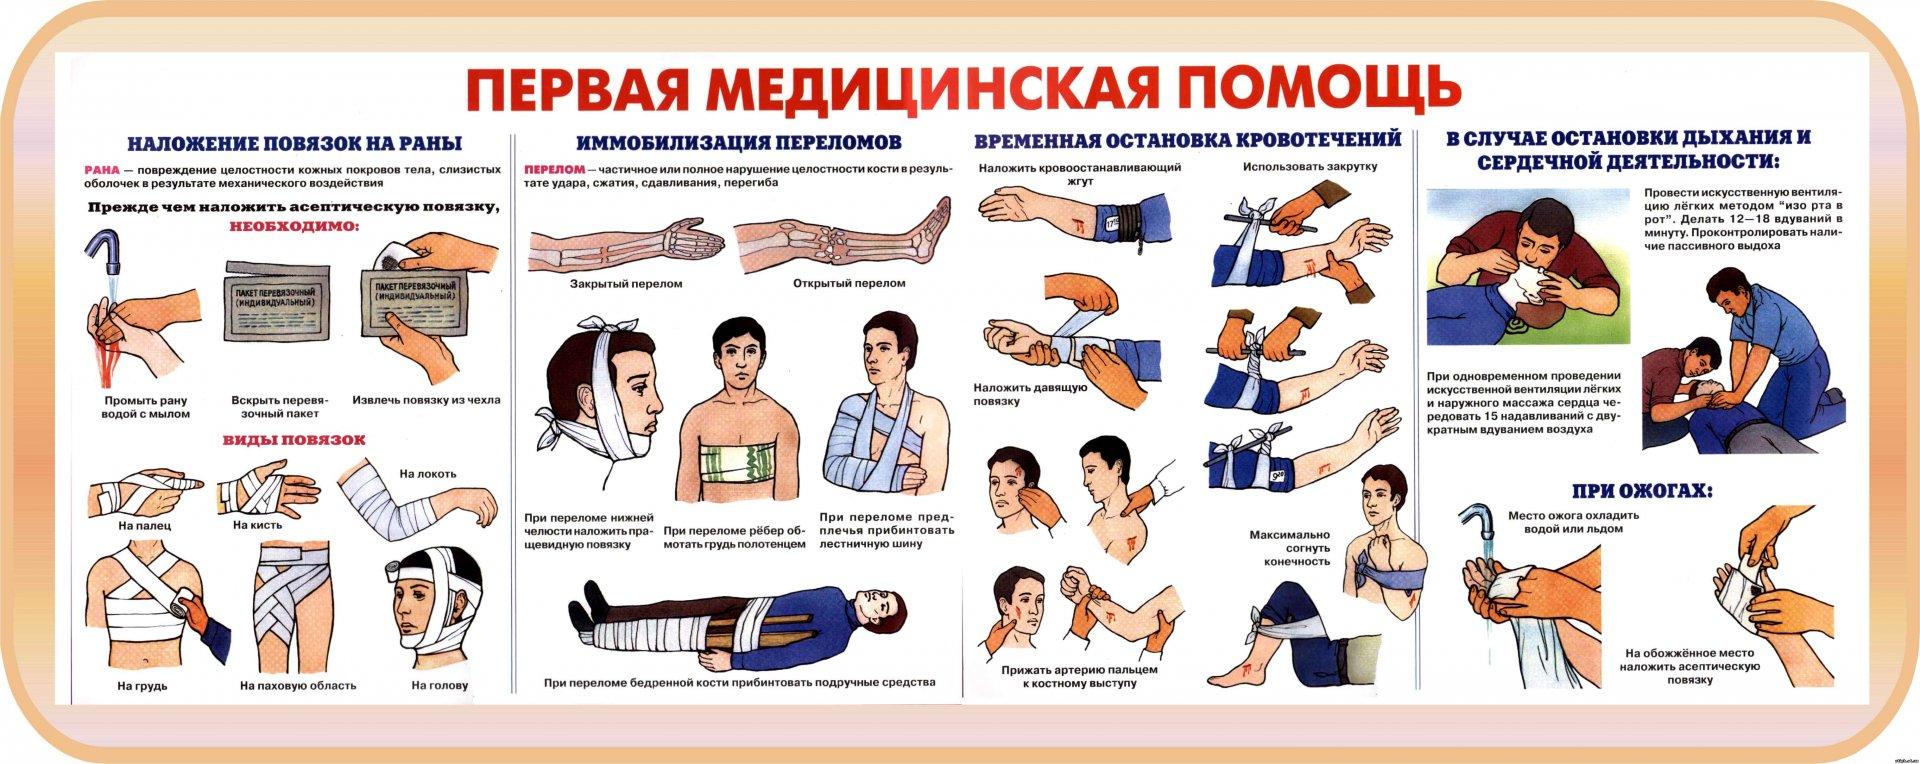 оказание первой медицинской помощи для учителей